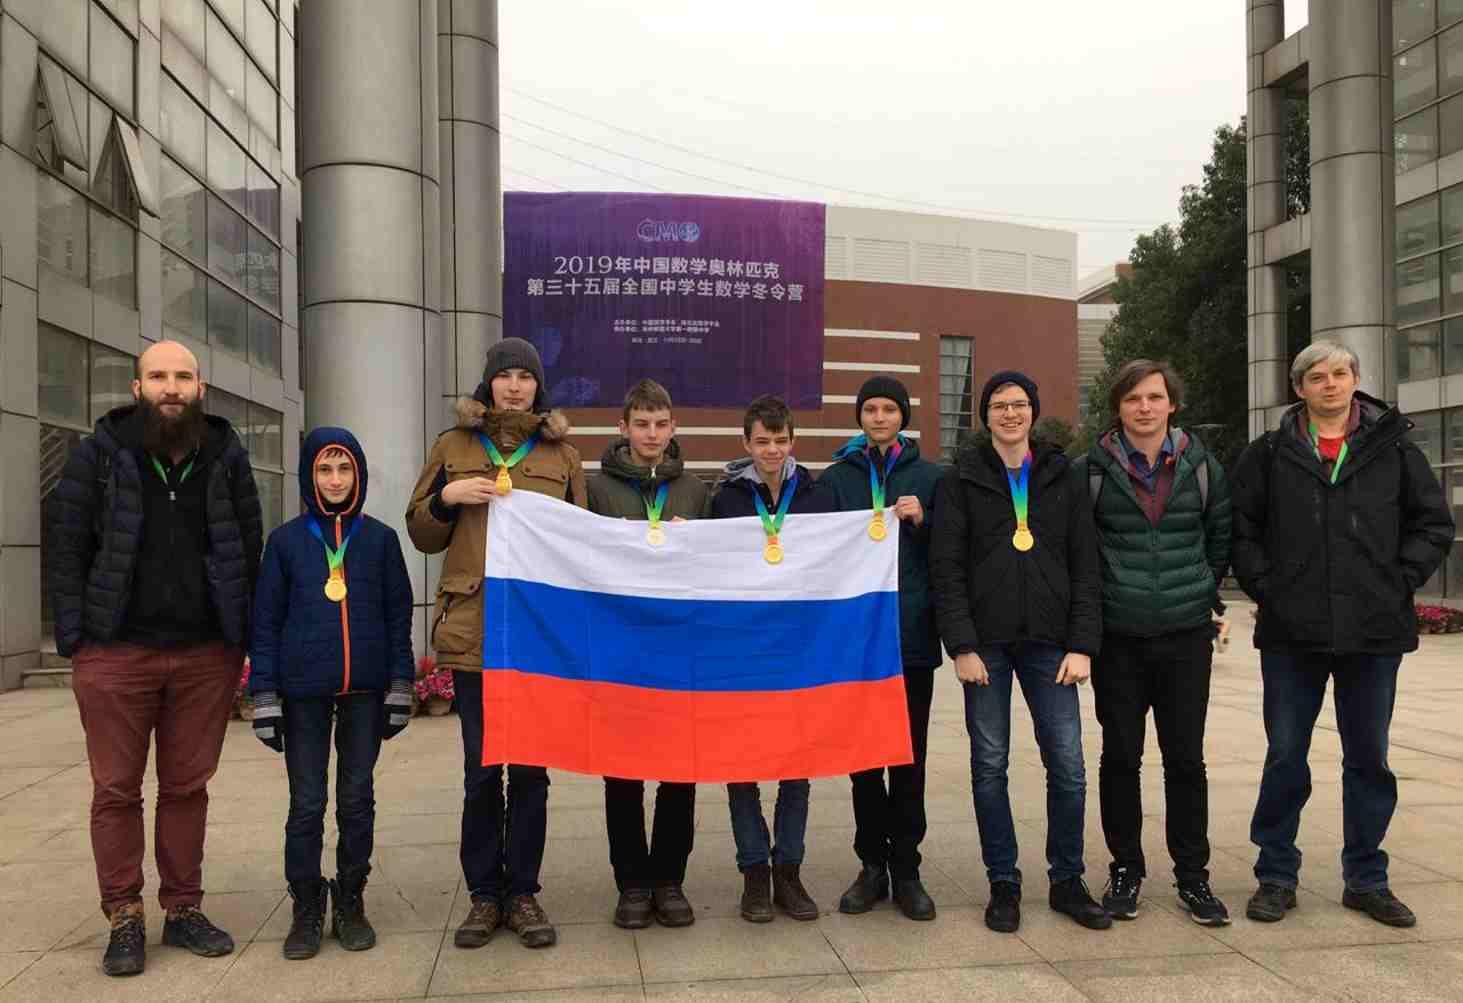 rossijskie-shkolniki-zavoevali-pyat-zolotyh-medalej-na-olimpiade-po-matematike-v-kitae